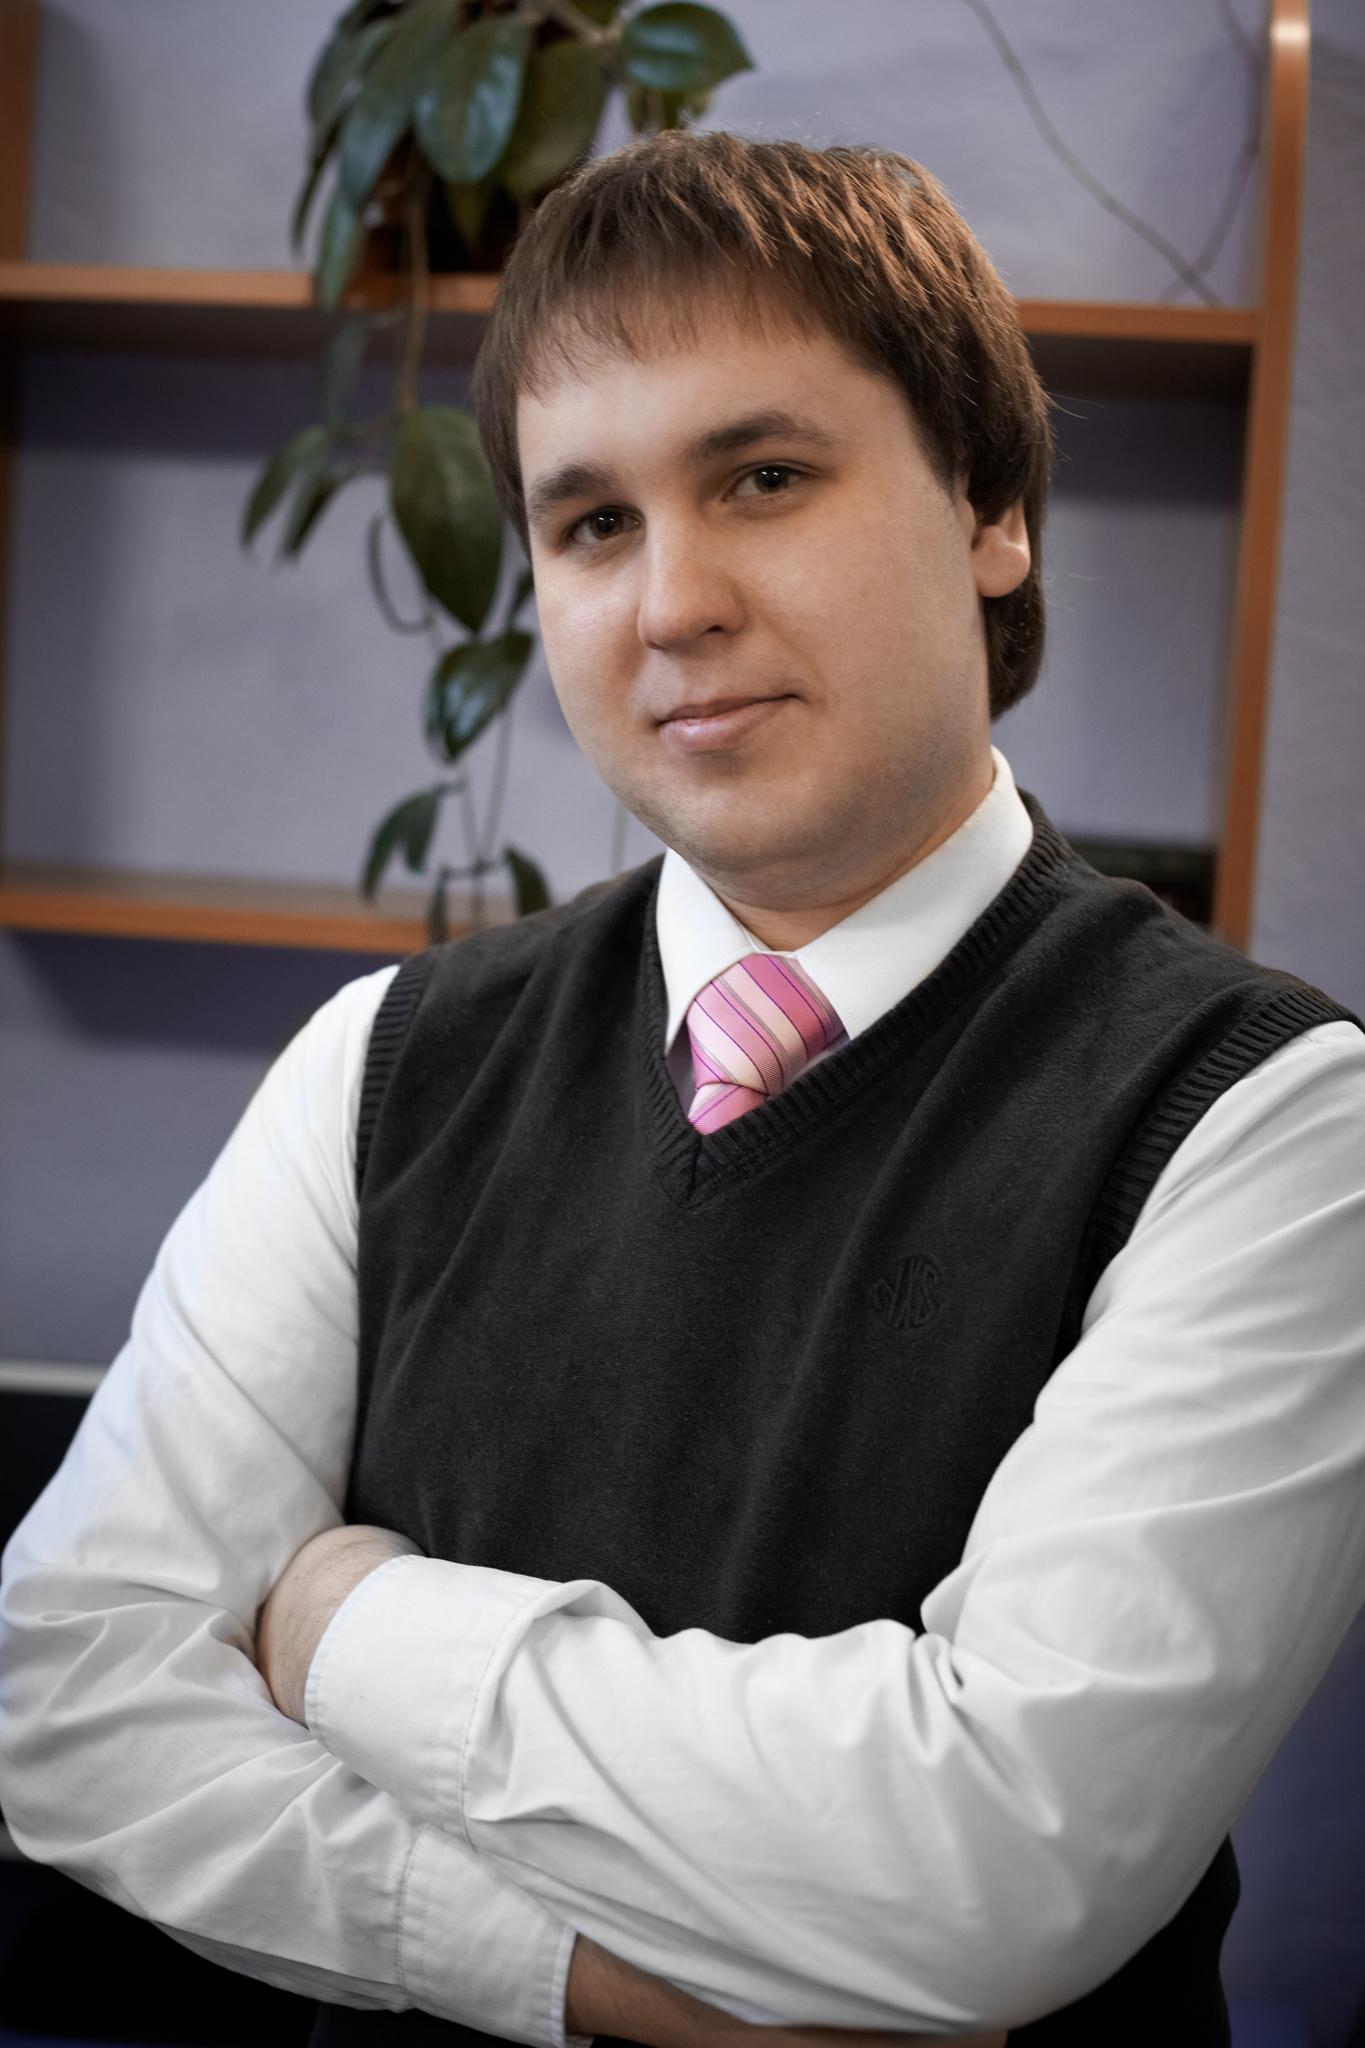 Адвокат Латышев П.С., адвокат Латышев Павел Сергеевич